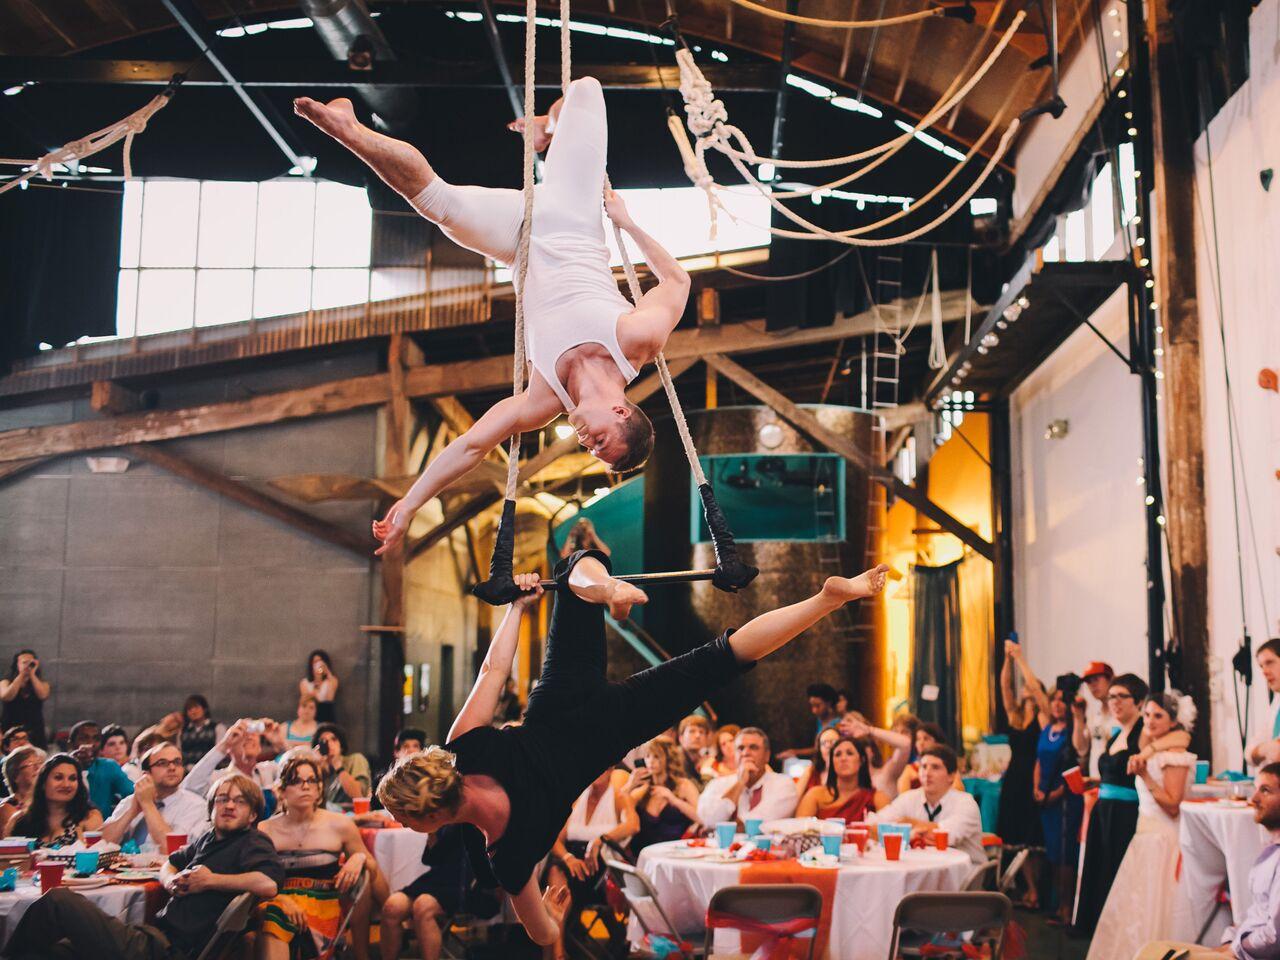 La imagen muestra la originalidad en la contratación de un espectáculo.